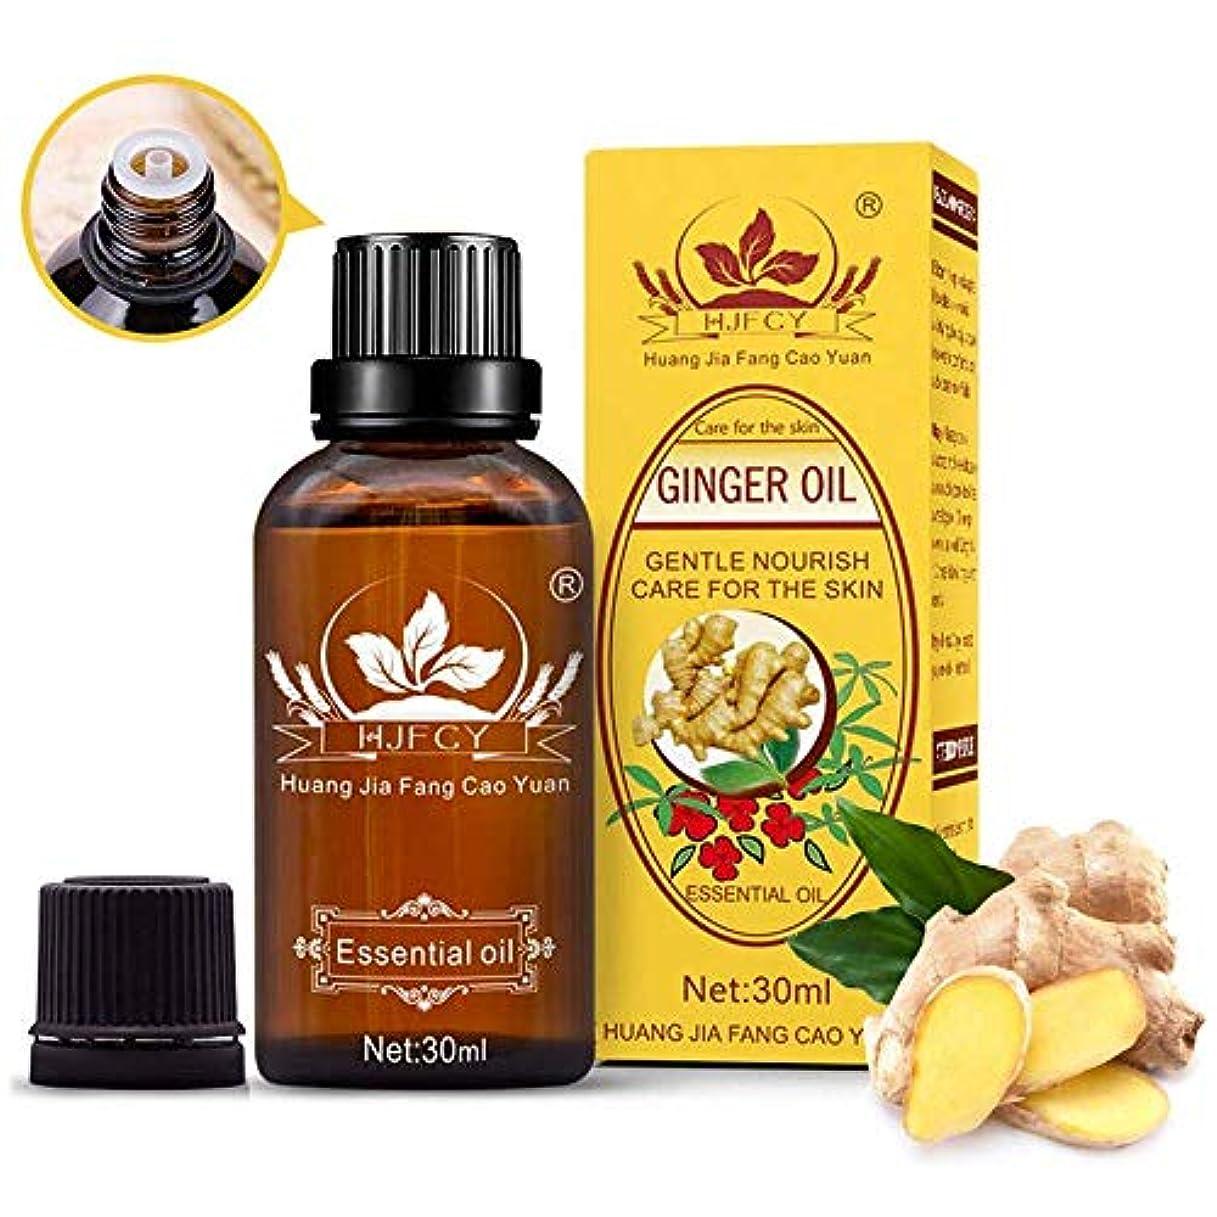 ドックウナギ葉を拾うジンジャーエッセンシャルオイル、天然植物療法ジンジャーエッセンシャルオイルリンパ排水、スパマッサージ油、筋肉の痛みの緩和、血液の循環を促進し、穏やかに30ML